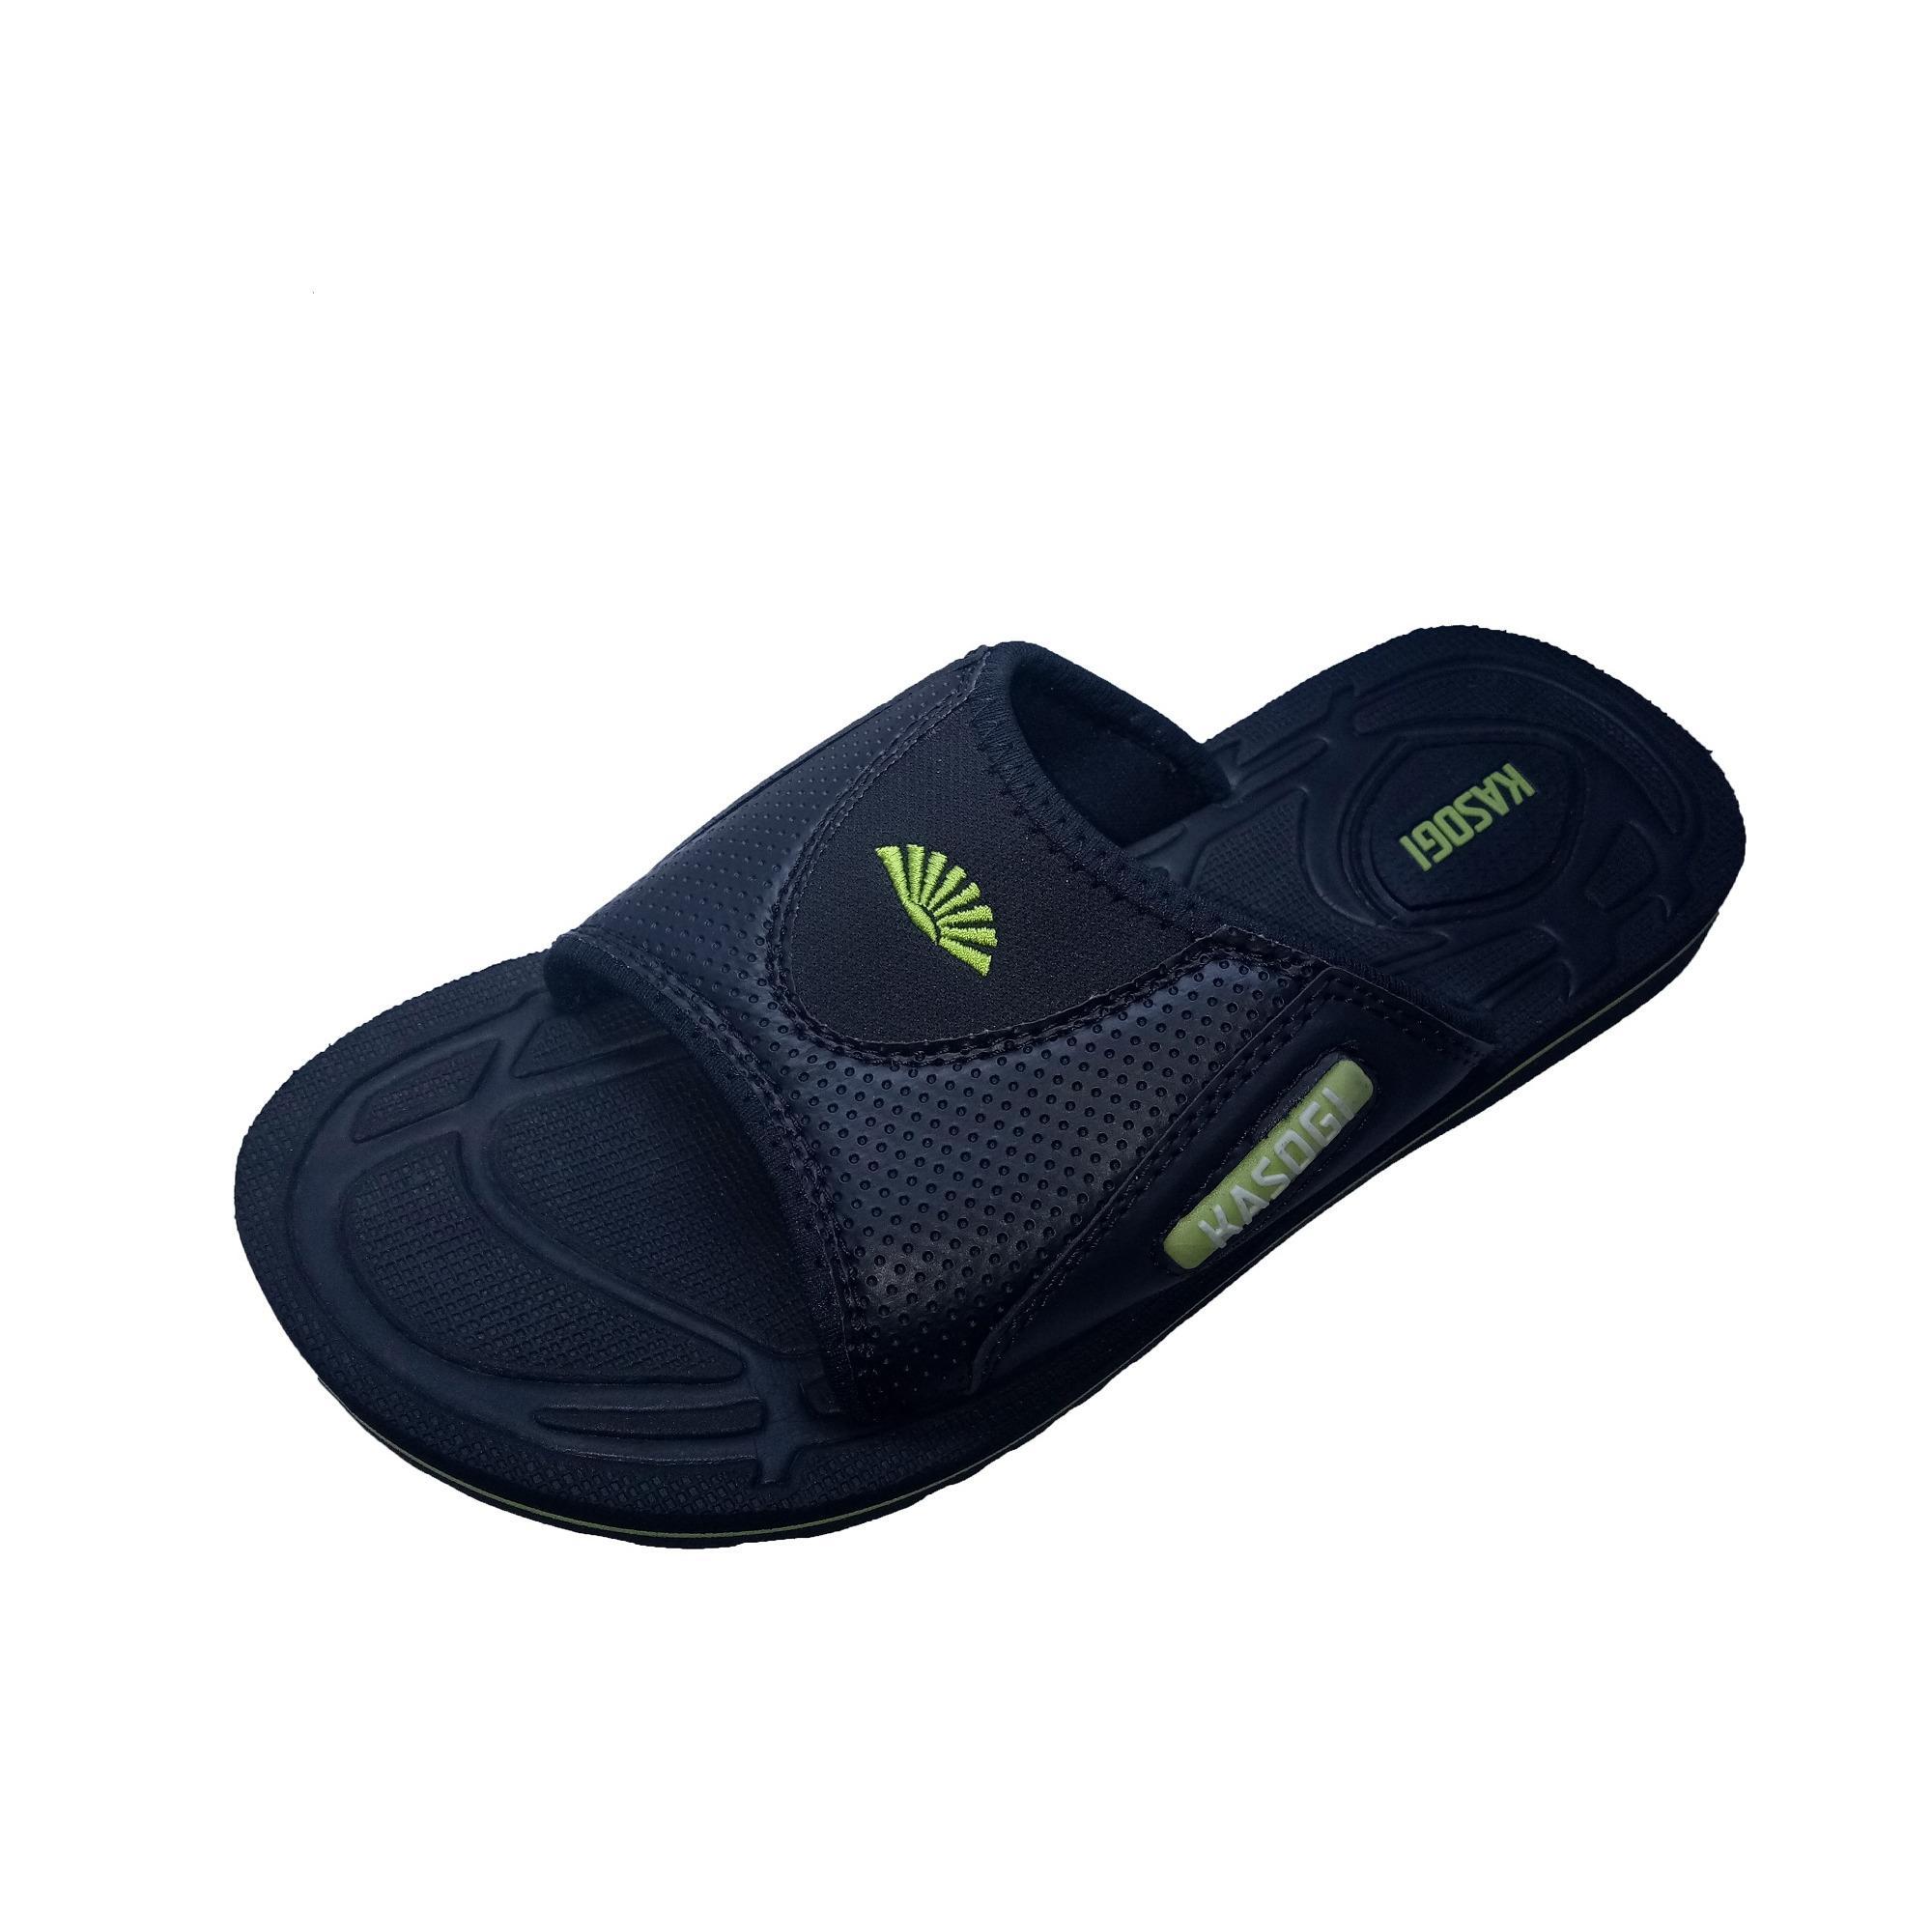 Sandal Kasogi Patriot Selop - Sandal Pria - Sandal Wanita - Sandal Anak - Sandal Casual - Sandal Outdoor - Sandal Gunung - Sandal Murah